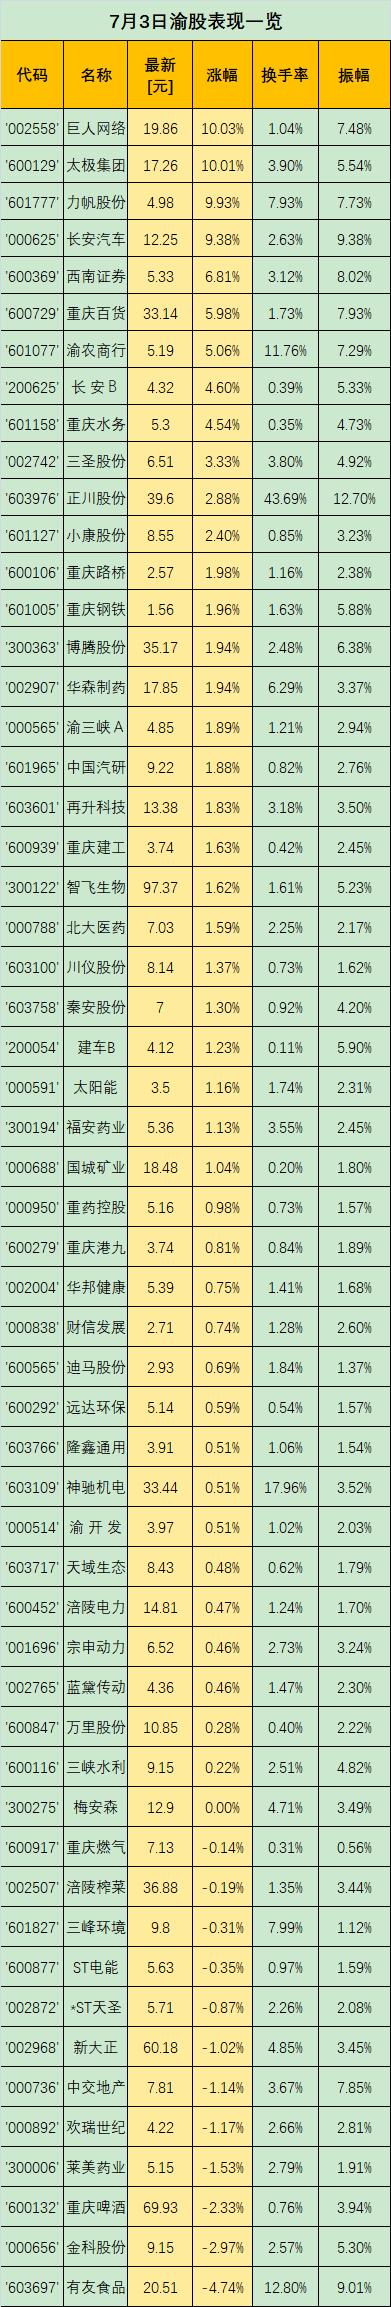 http://www.xiaoluxinxi.com/riyongbaihuo/652610.html